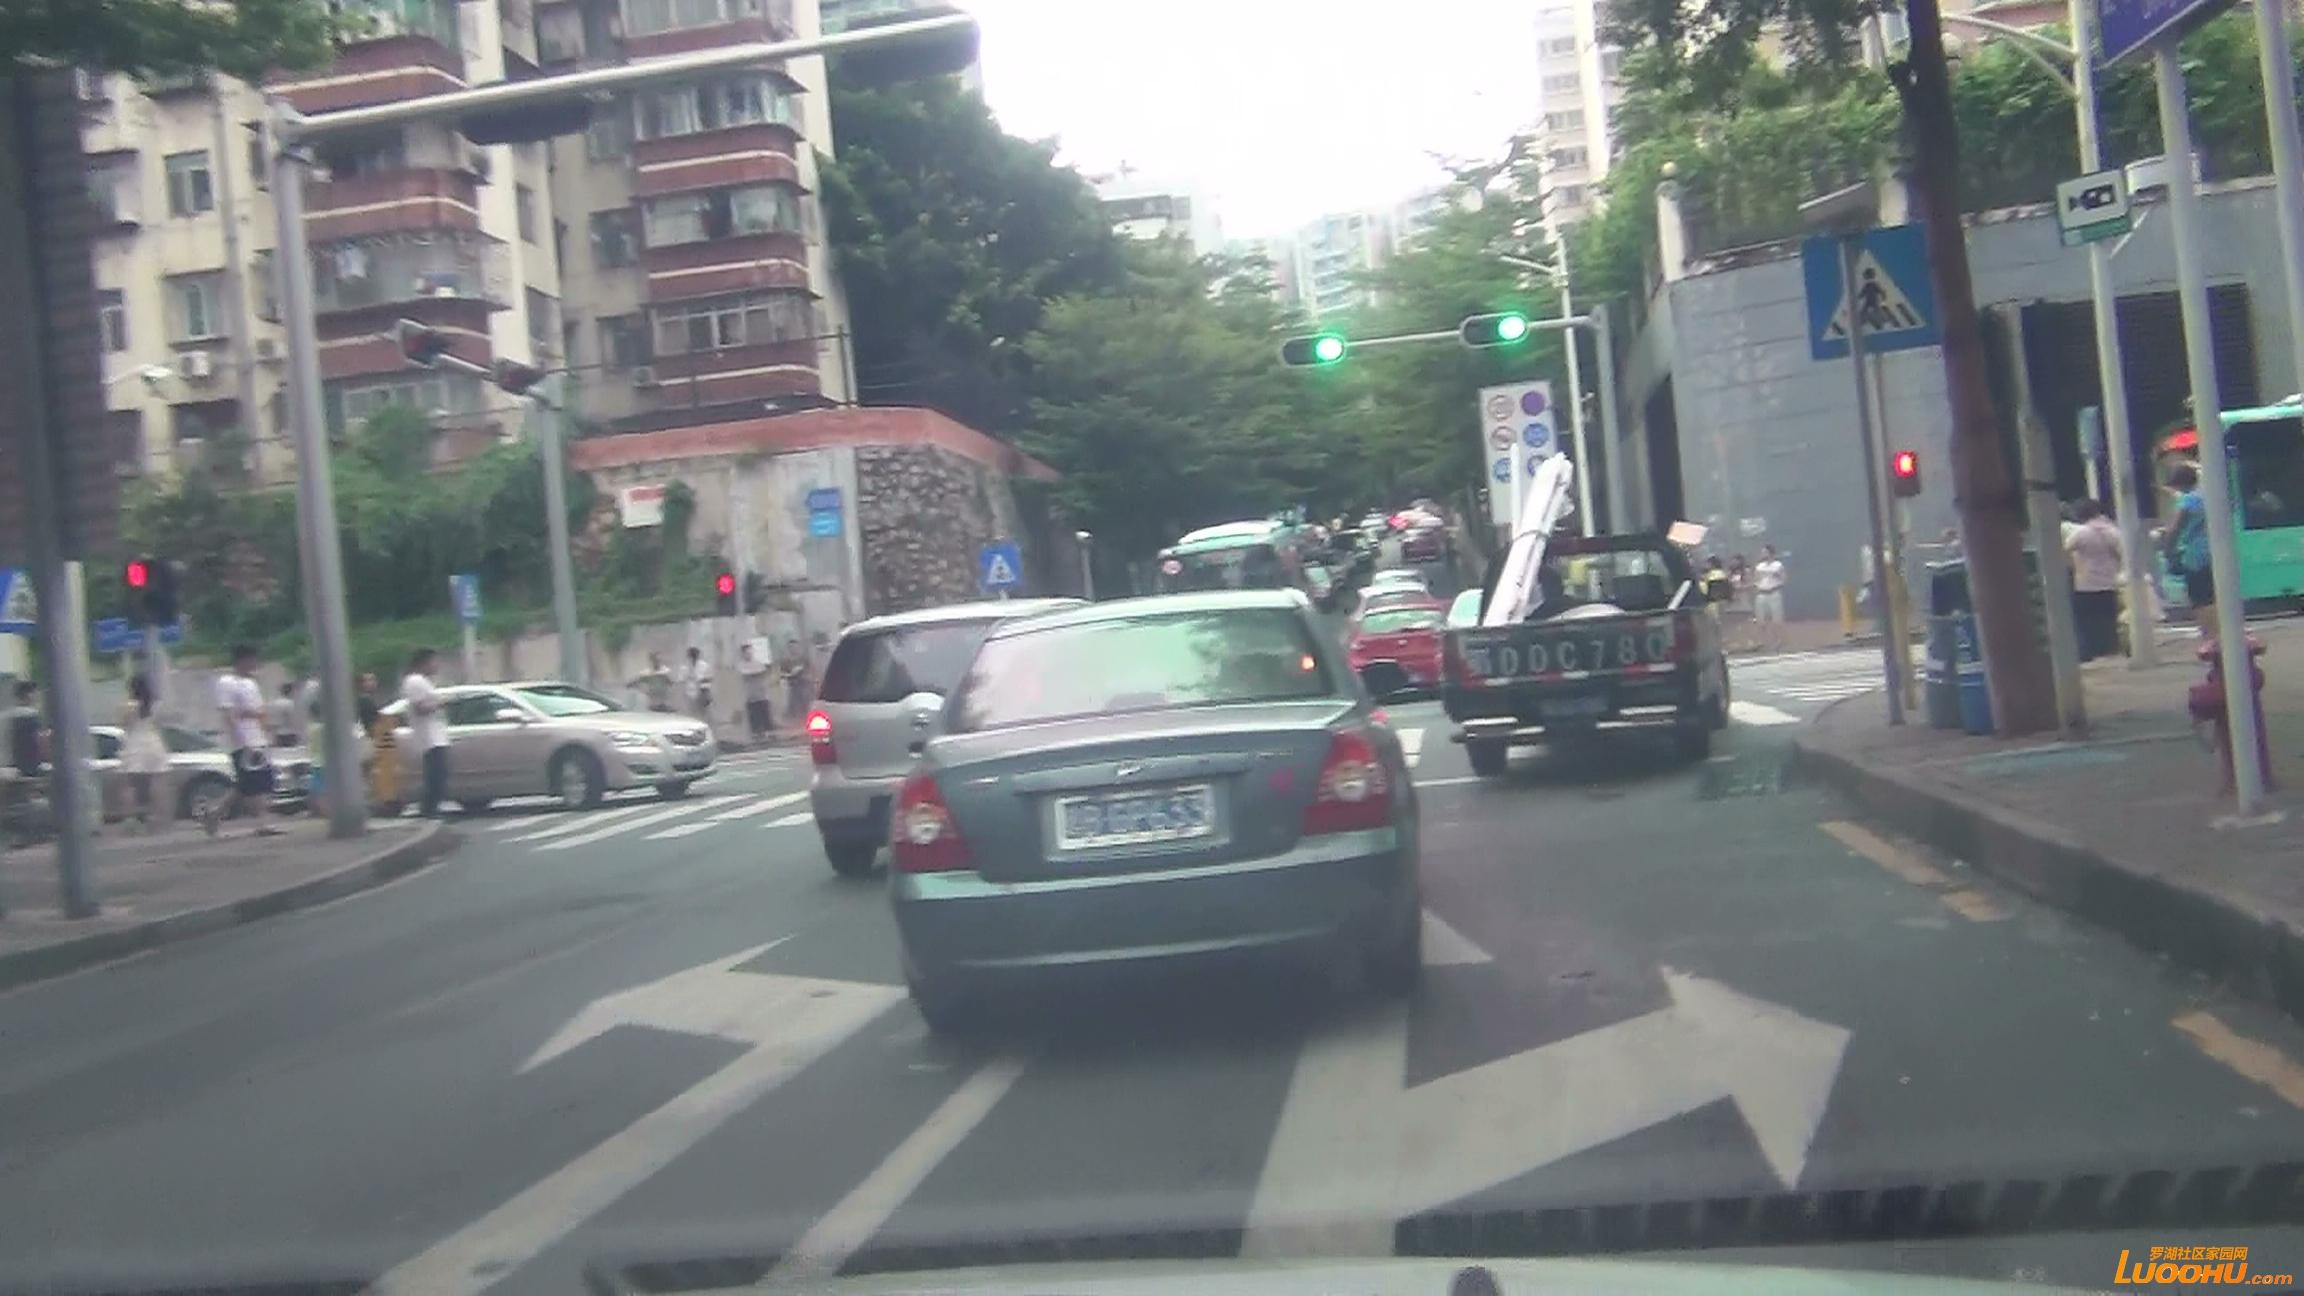 东晓路南往北红色及灰色轿车进入左转道后突然右转后直行造成后车急刹 (4).jpg.jpg